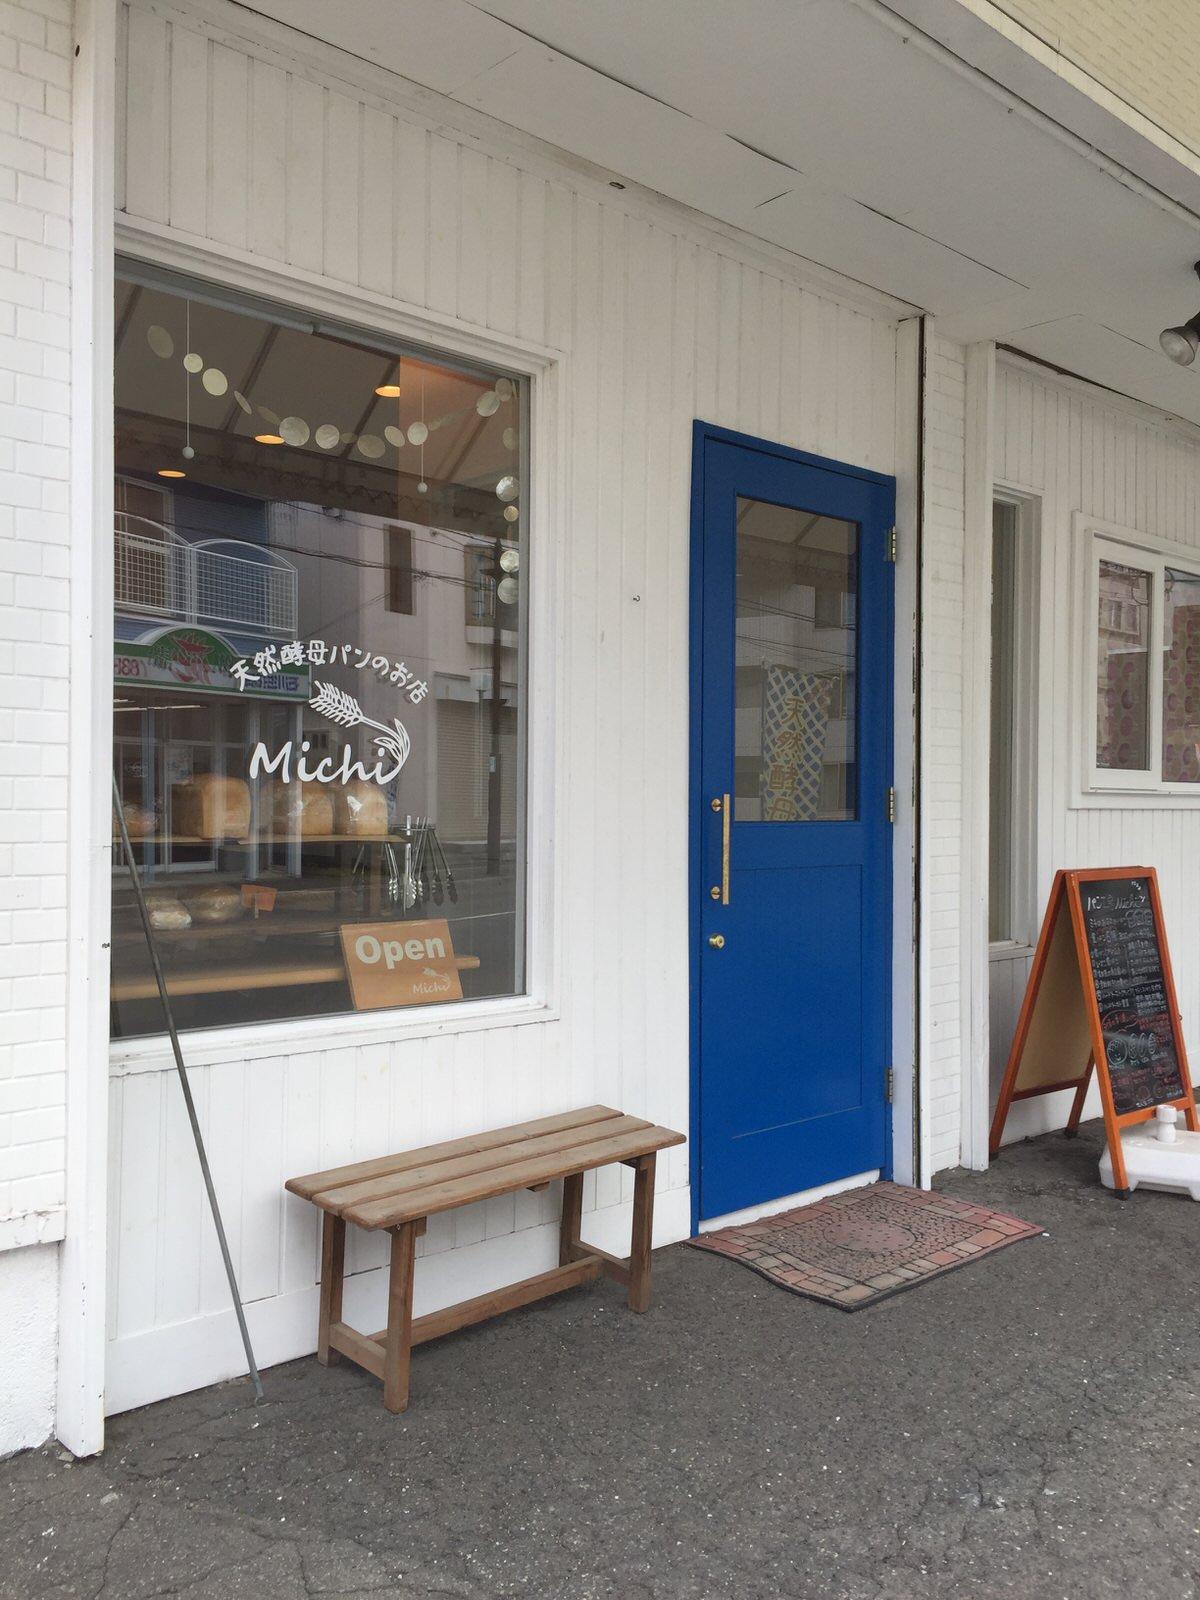 パン工房Michi アットホームな雰囲気の小さな天然酵母のパン屋さん 【札幌 豊平】